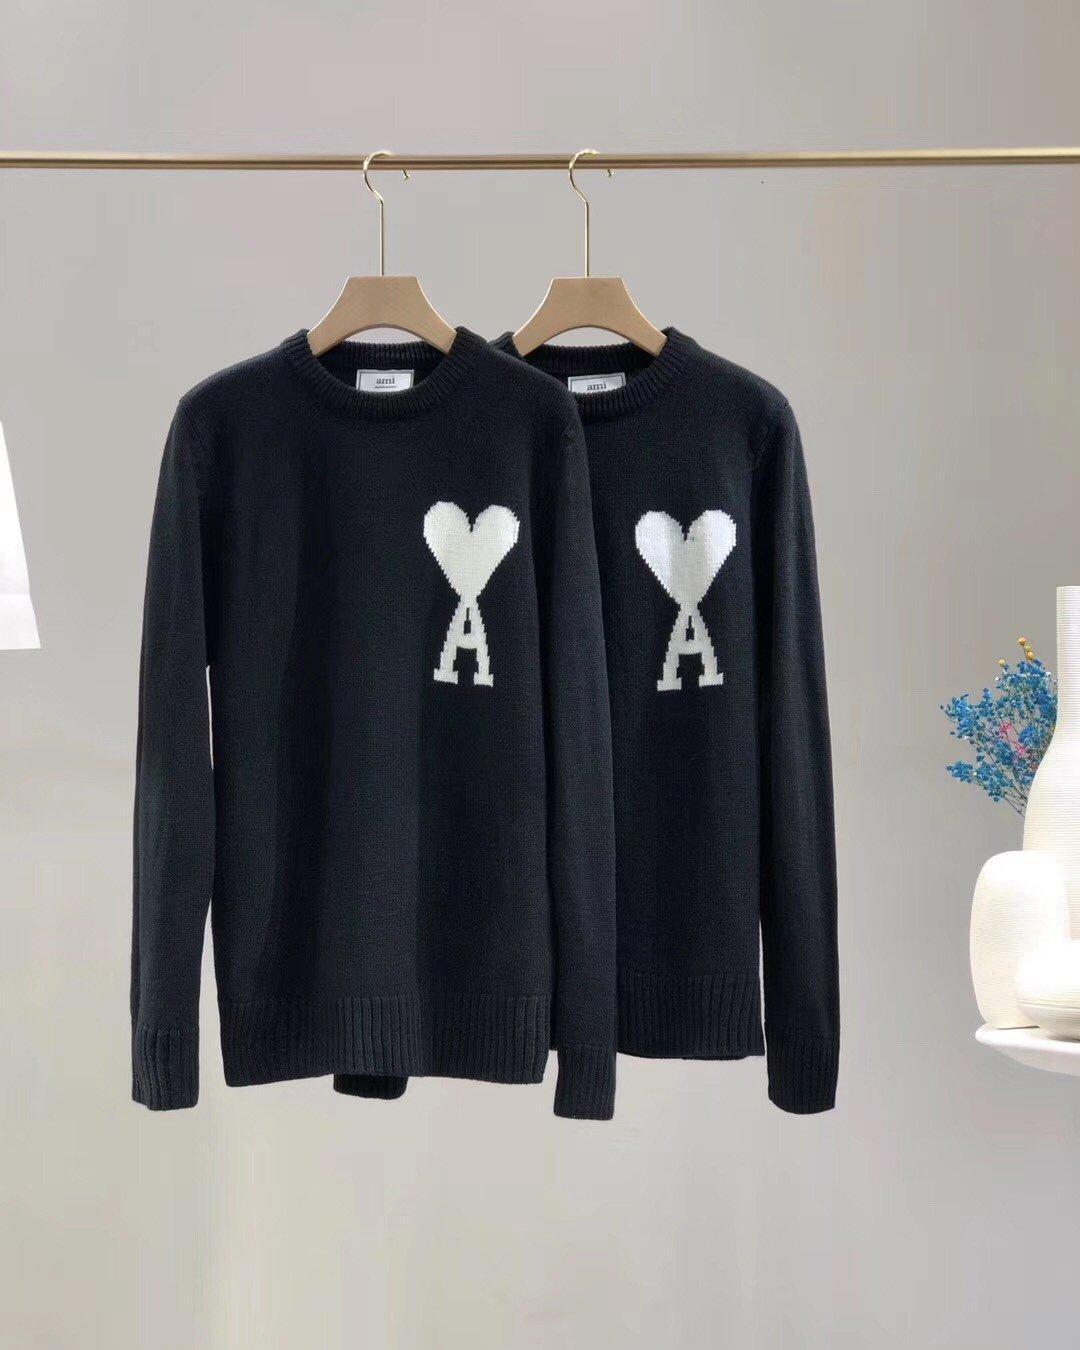 tamaño de la parte superior de moda casual suéter caliente cómoda S-XL de la mujer WSJ054 # 120284